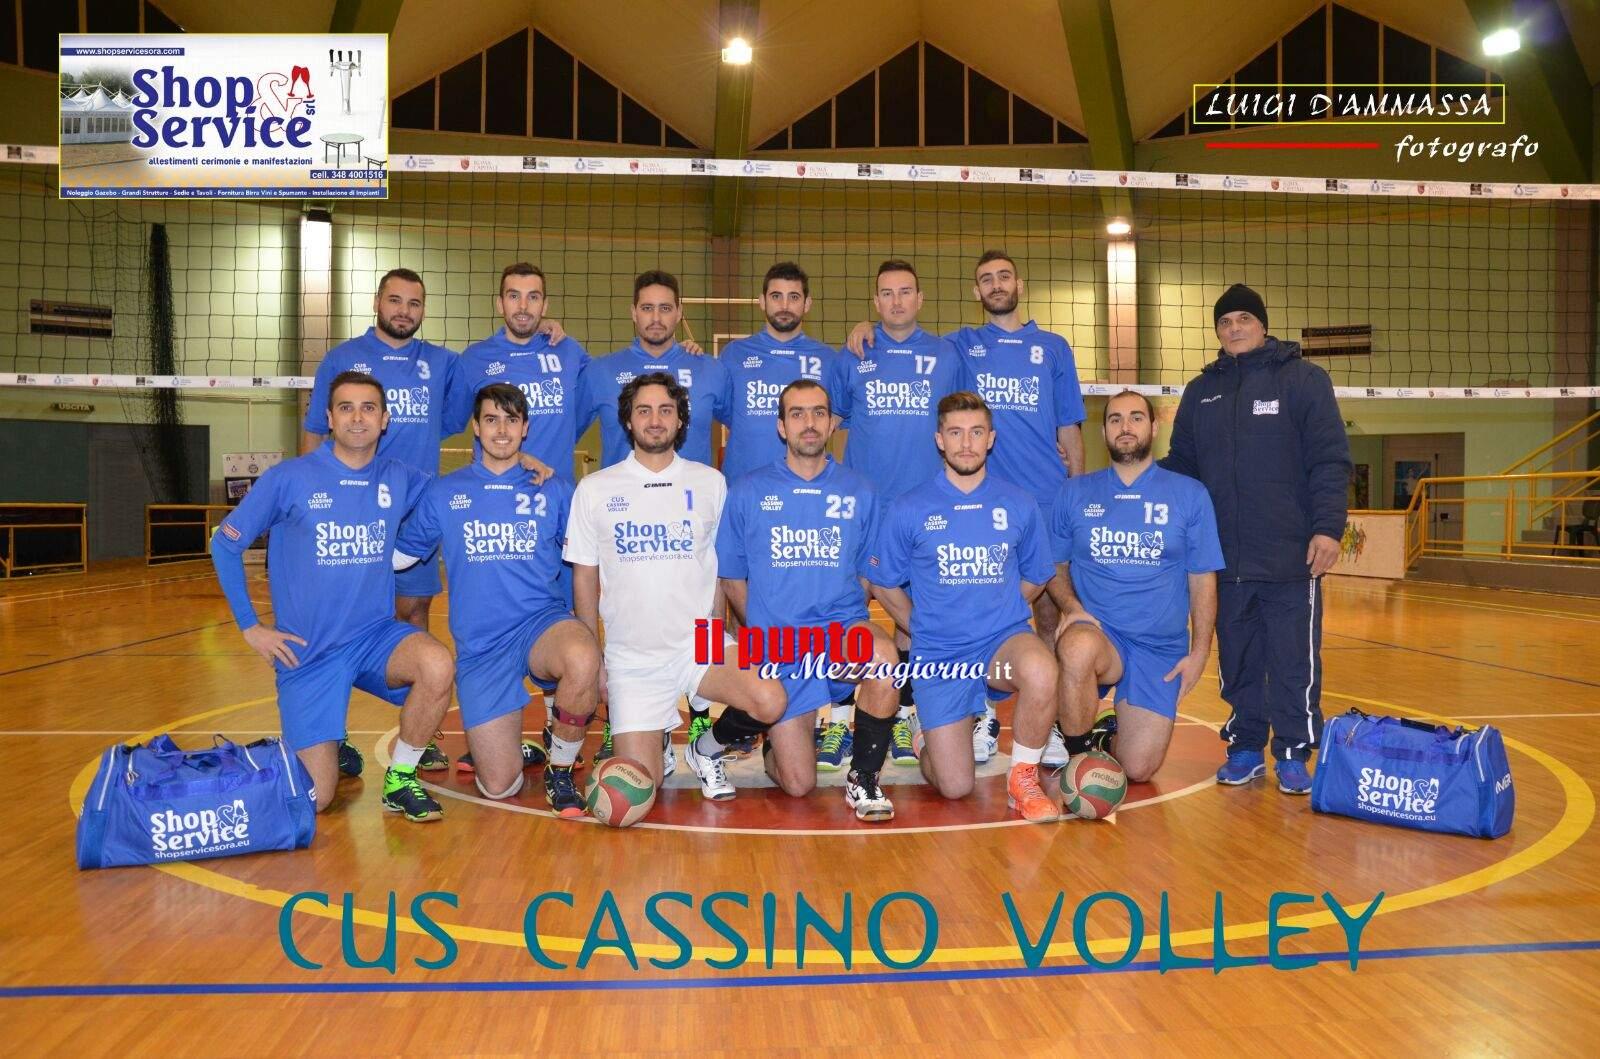 Volley maschile serie D: Cus-Cassino da urlo, battuto il tabù Albano e accorciato il distacco dalla vetta